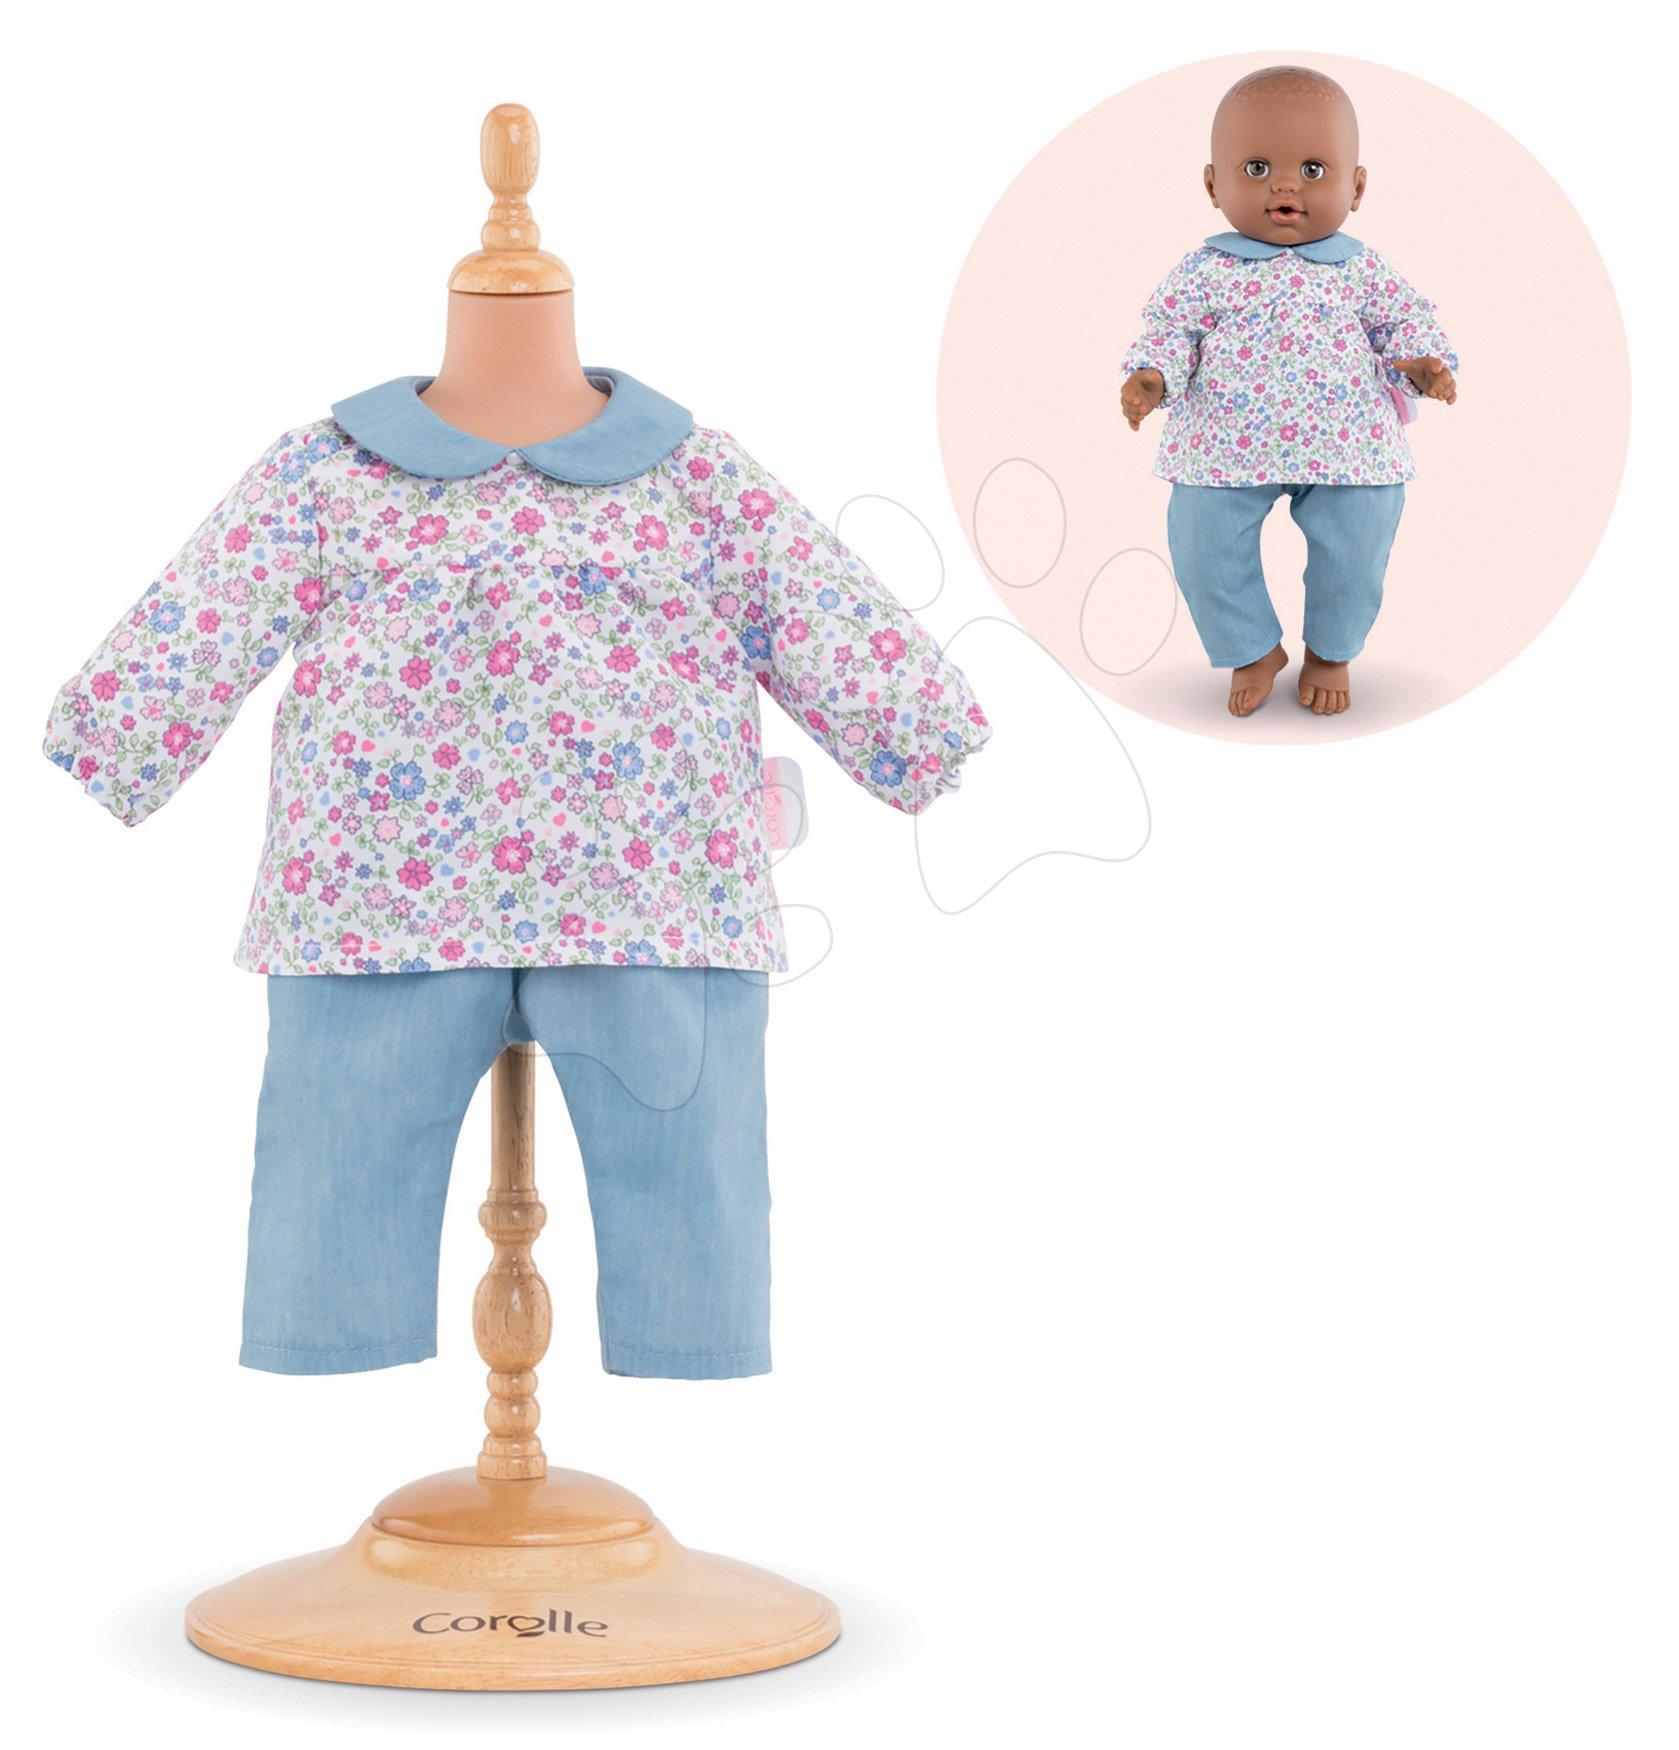 Oblečenie Blouse Flower & Pants Mon Grand Poupon Corolle pre 36 cm bábiku od 24 mes